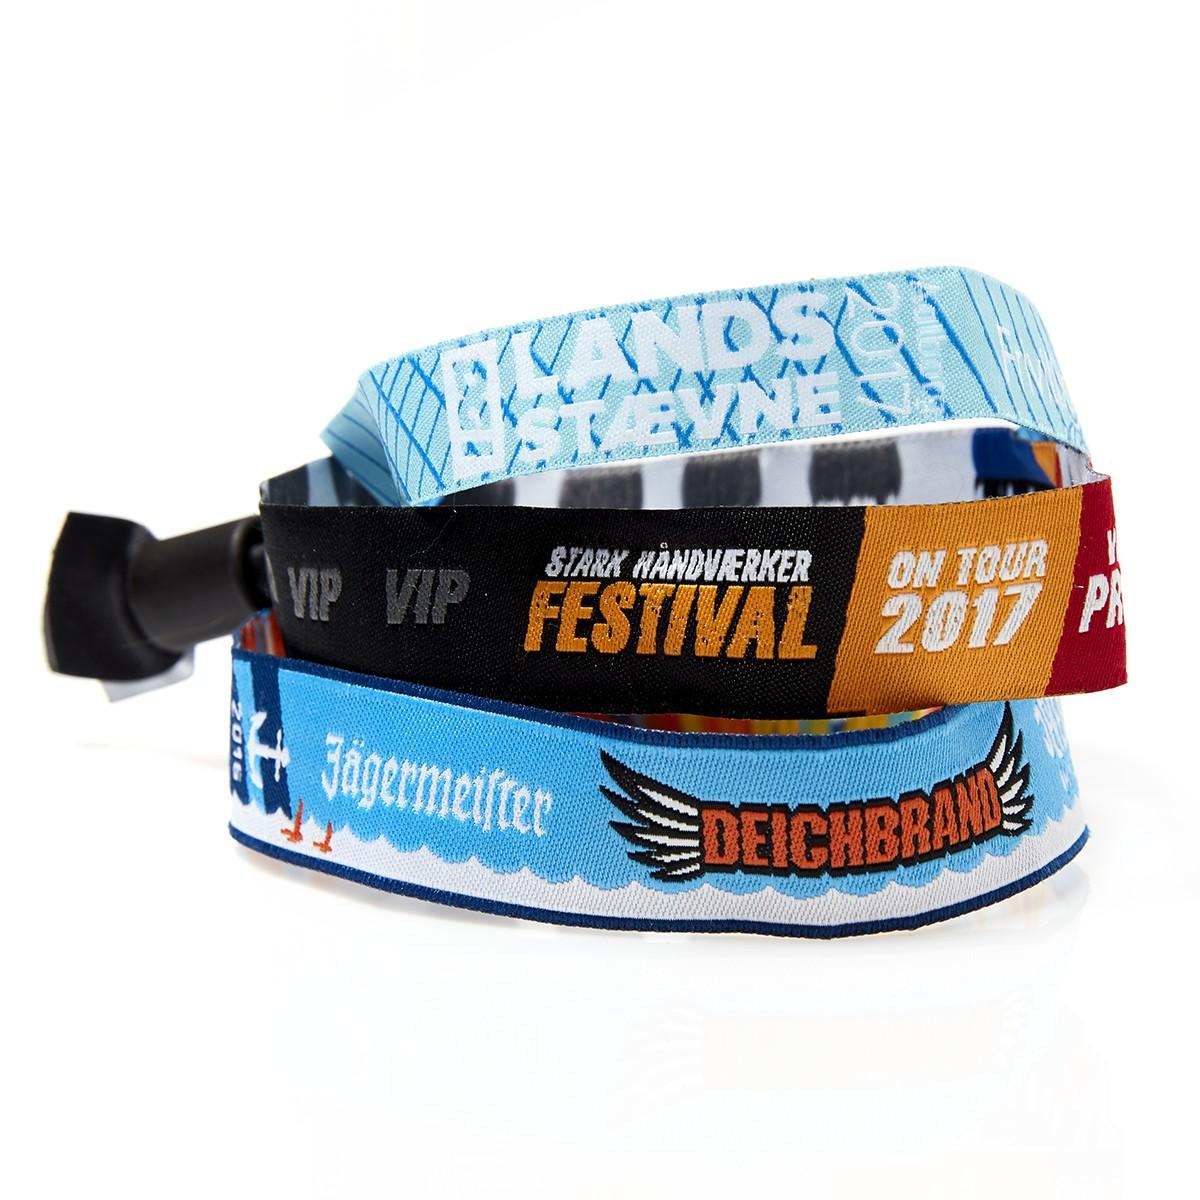 0254fbde53f7 Pulseras para festivales - Diseña tu pulsera con impresión aquí